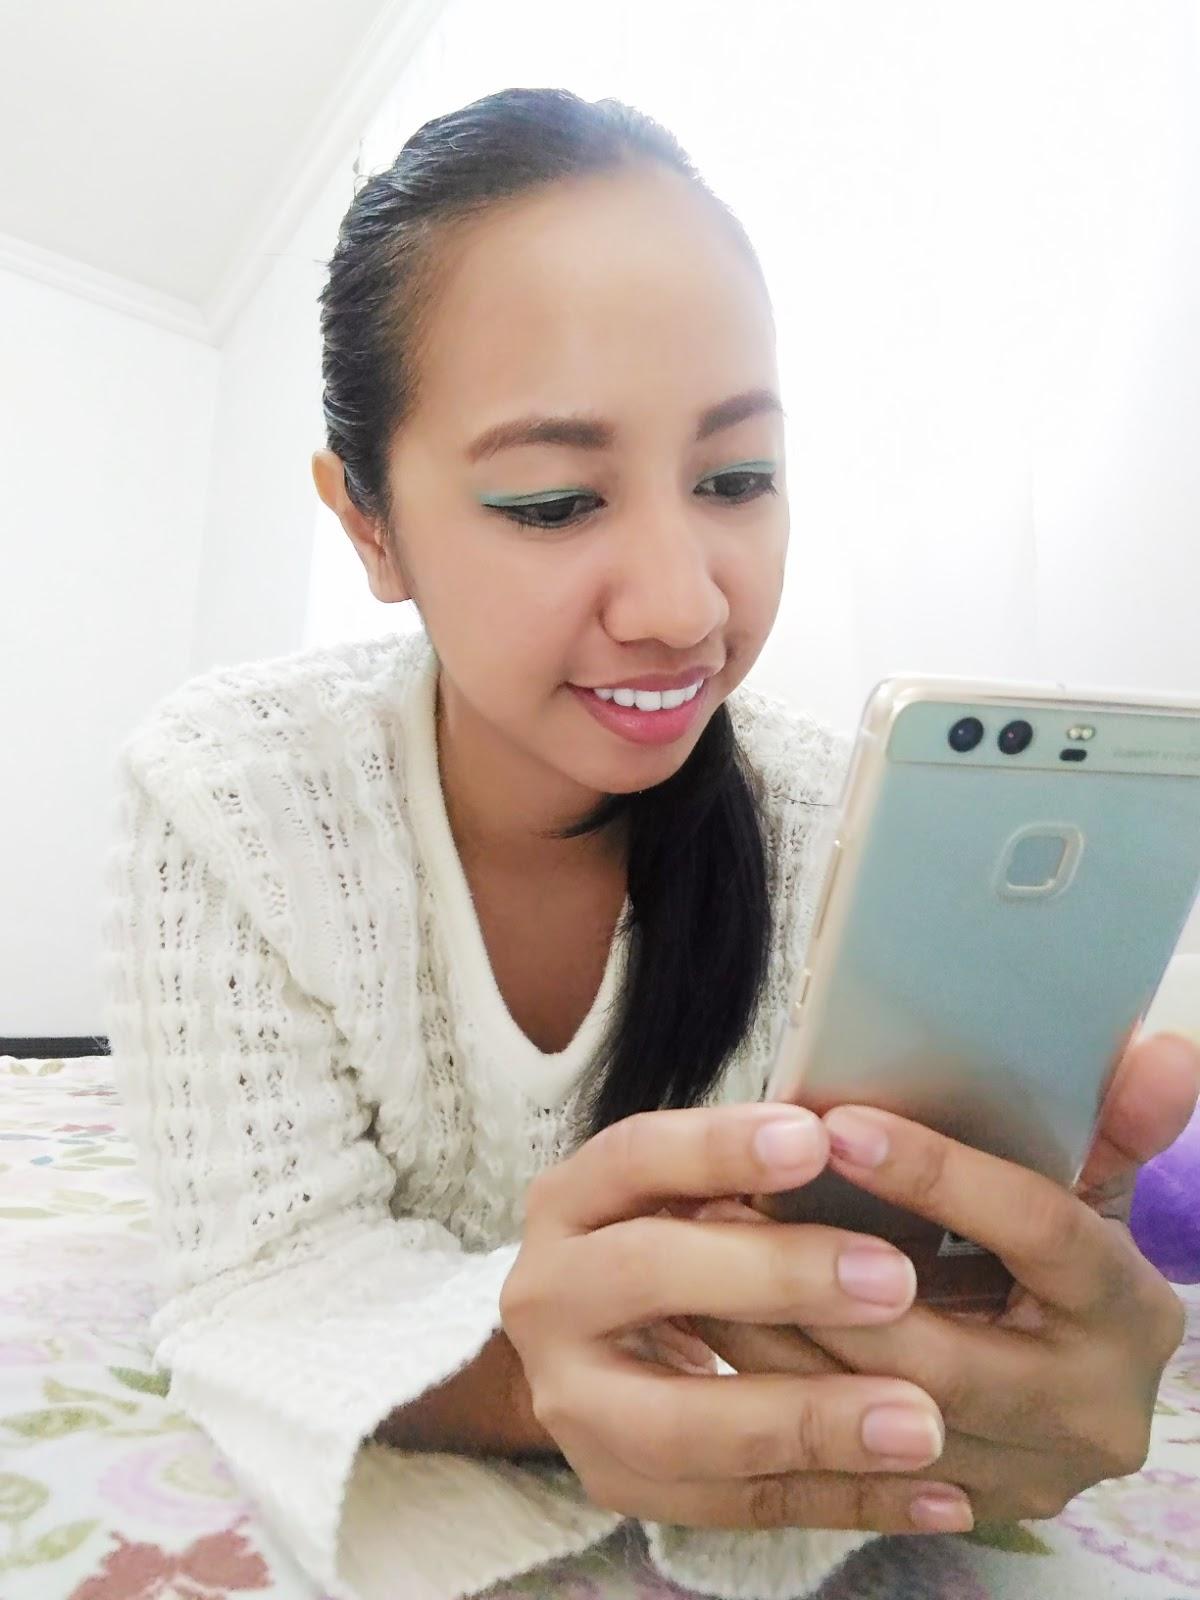 Huawei P9 review, Huawei P9 smartphone